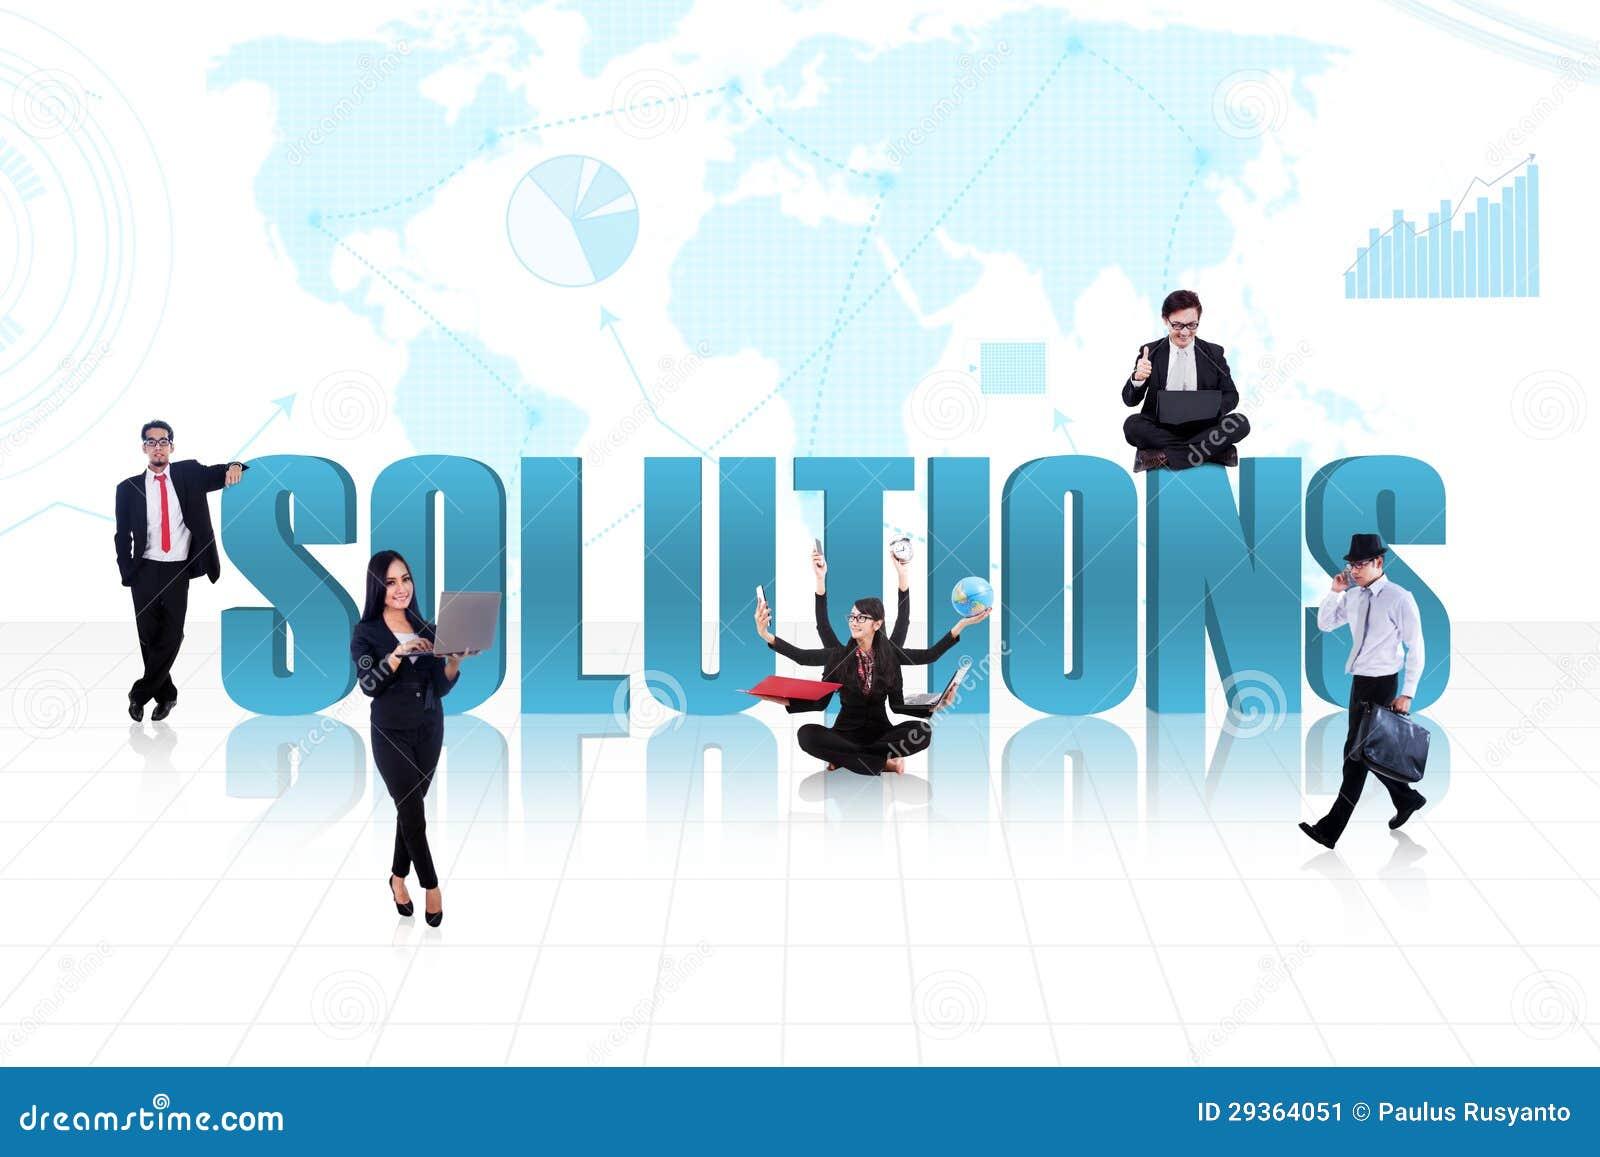 Bedrijfs globale oplossingen in blauw